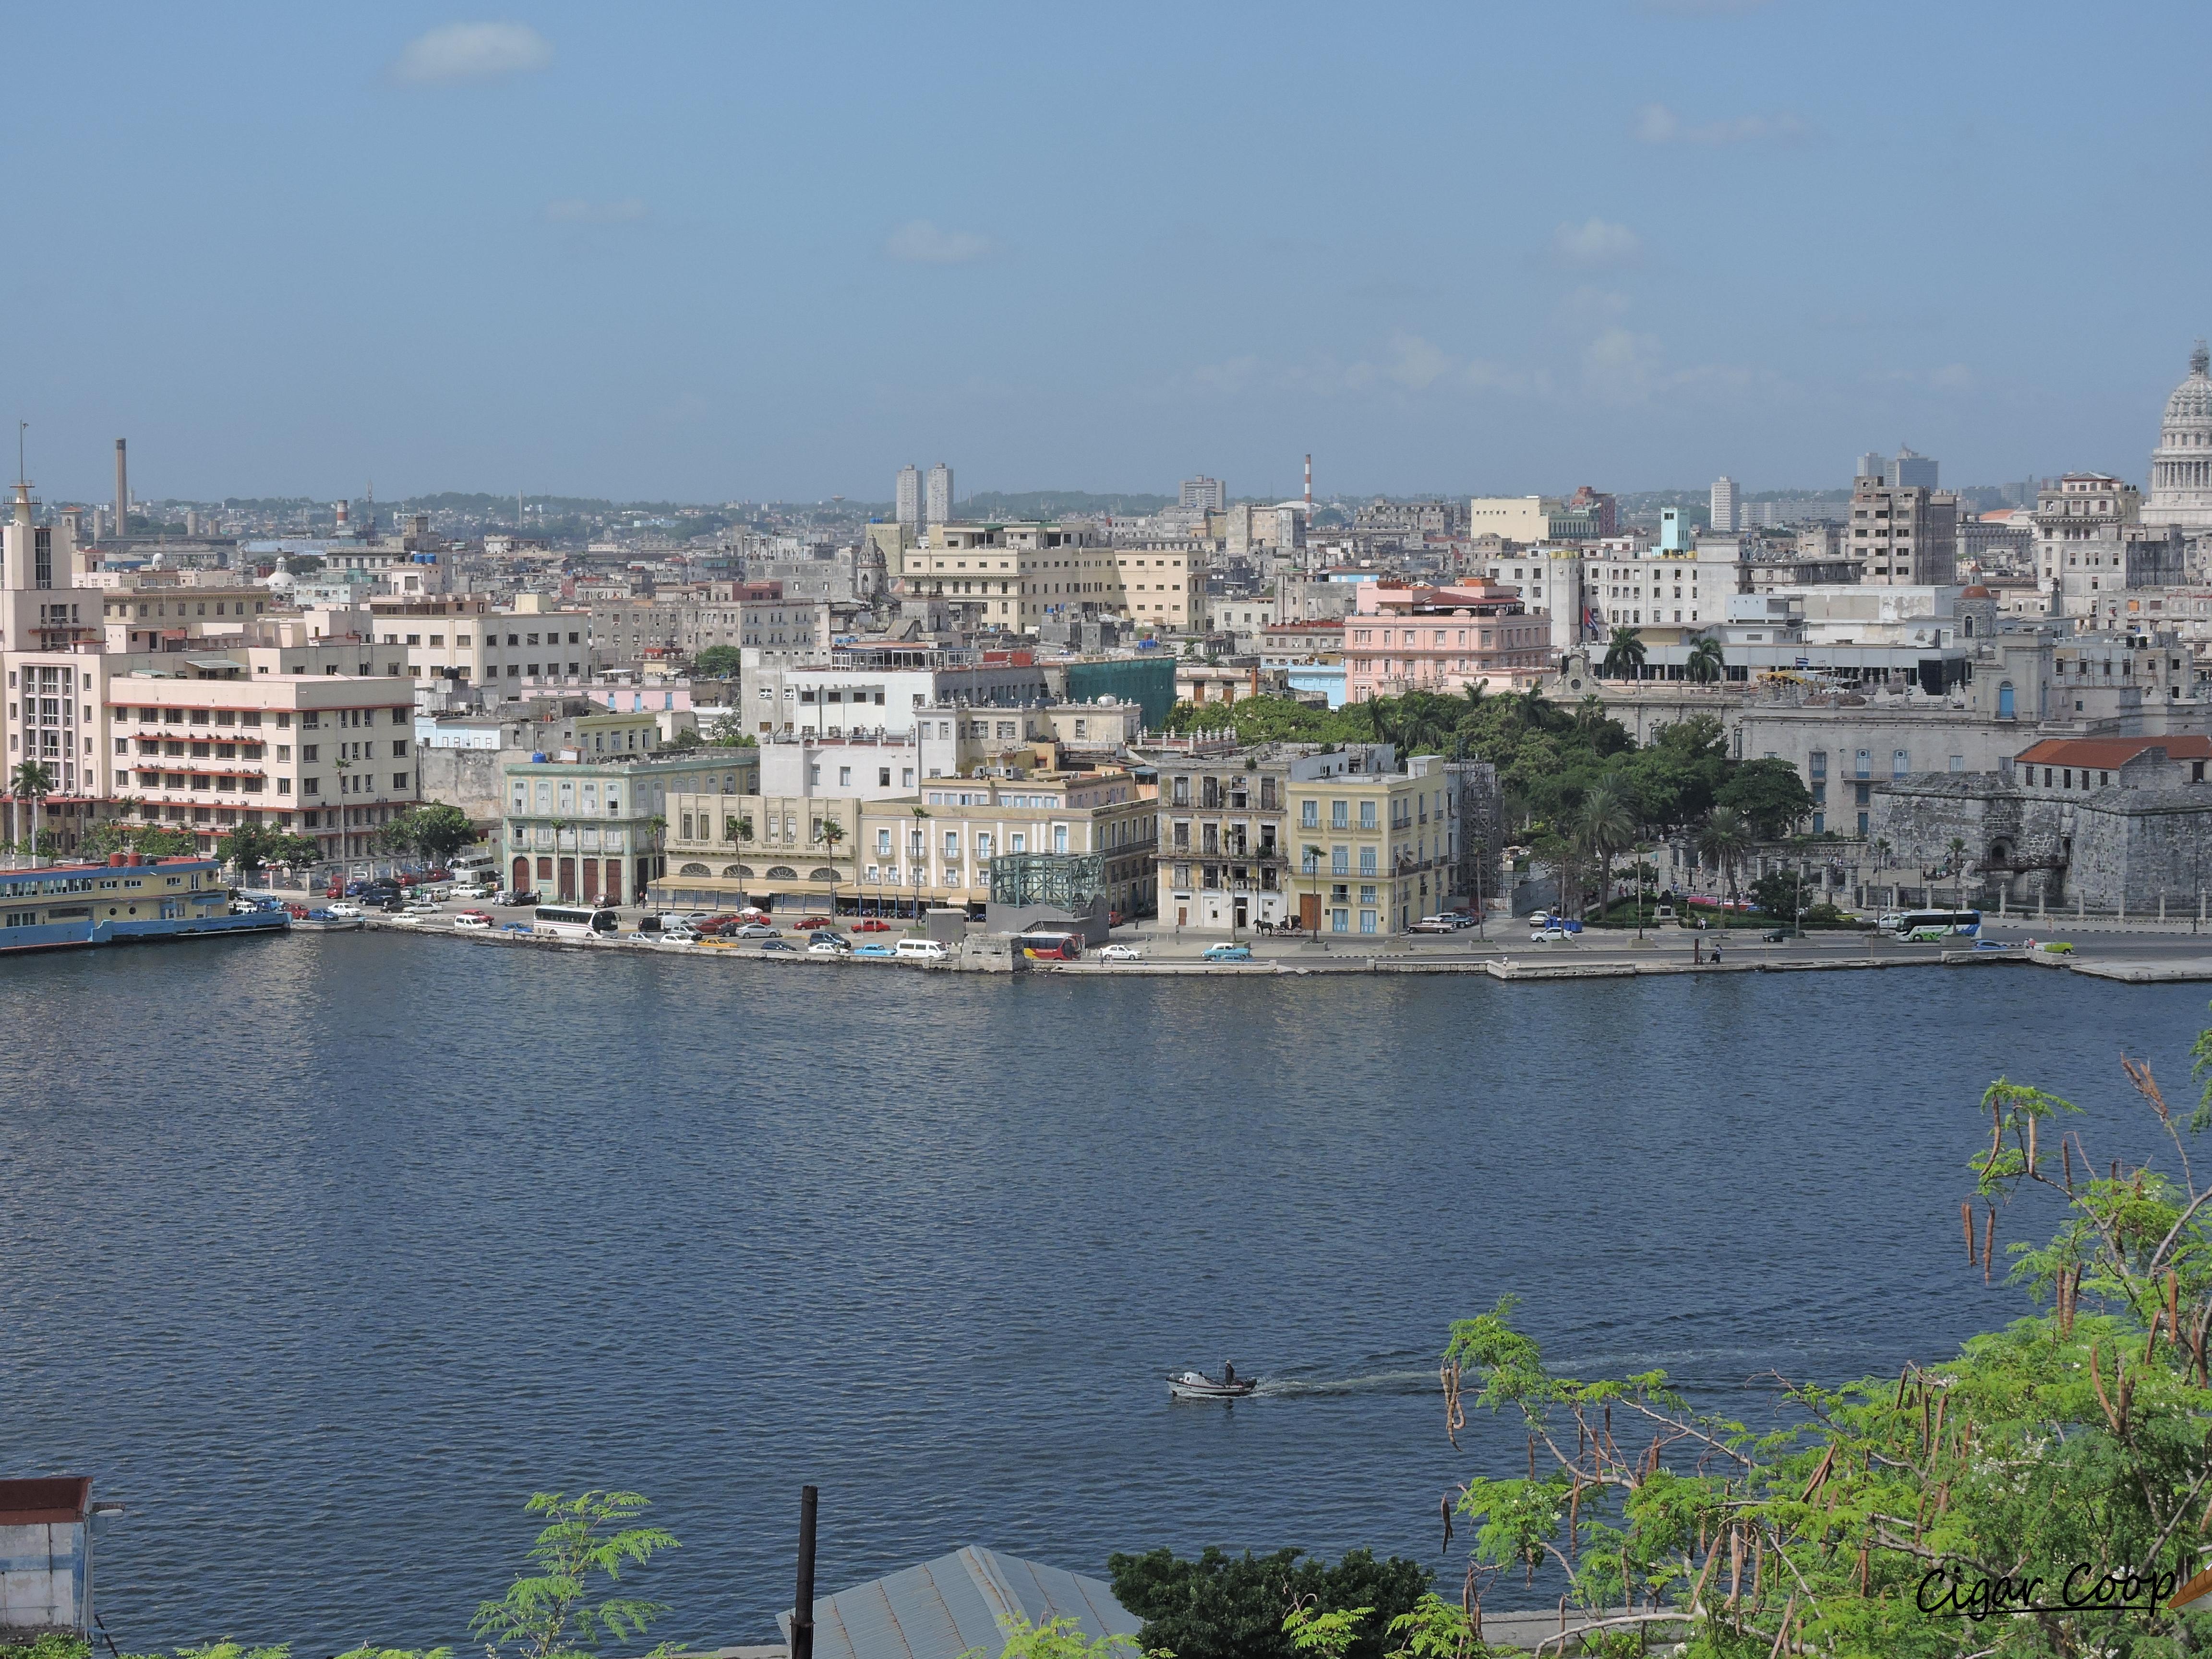 Feature Story: Havana Cuba-In My Mind's Eye